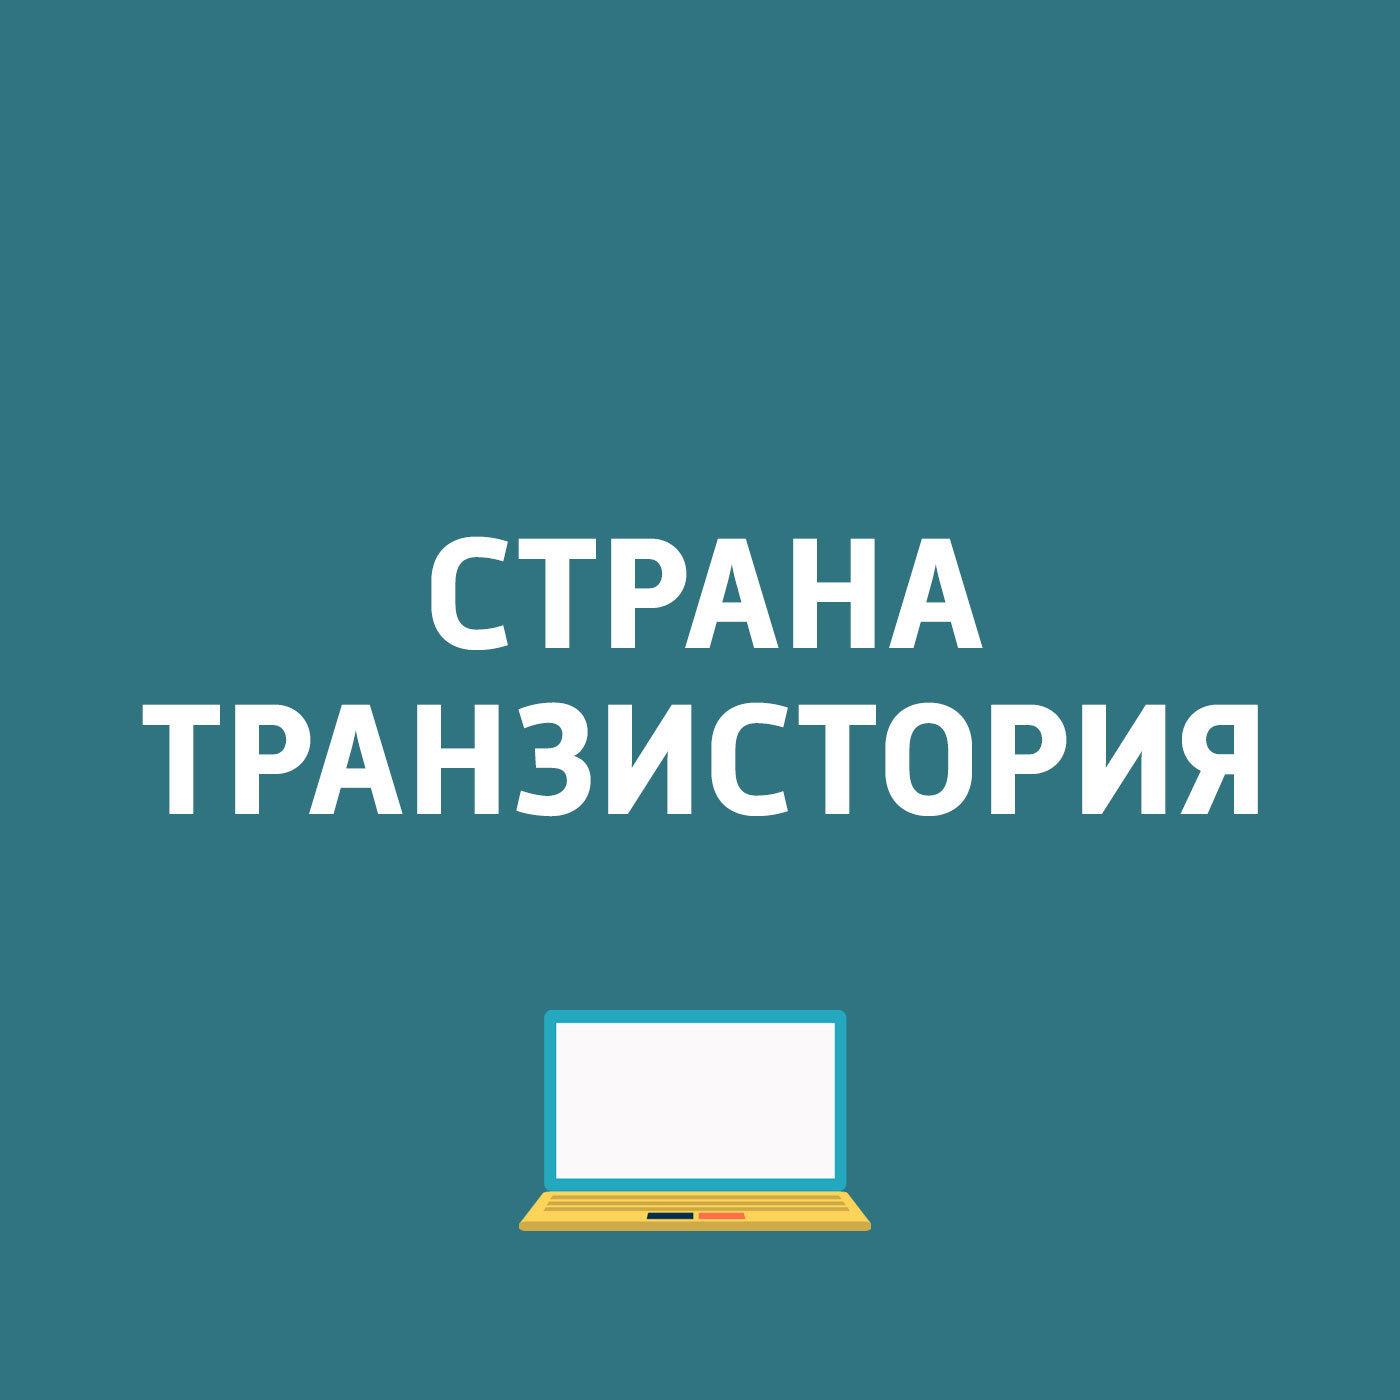 Картаев Павел iPad «с процессором класса настольных ПК; Утверждены требования по блокировке сайтов с противоправной информацией; Вирус в Android-приложениях заразил не меньше миллиона устройств